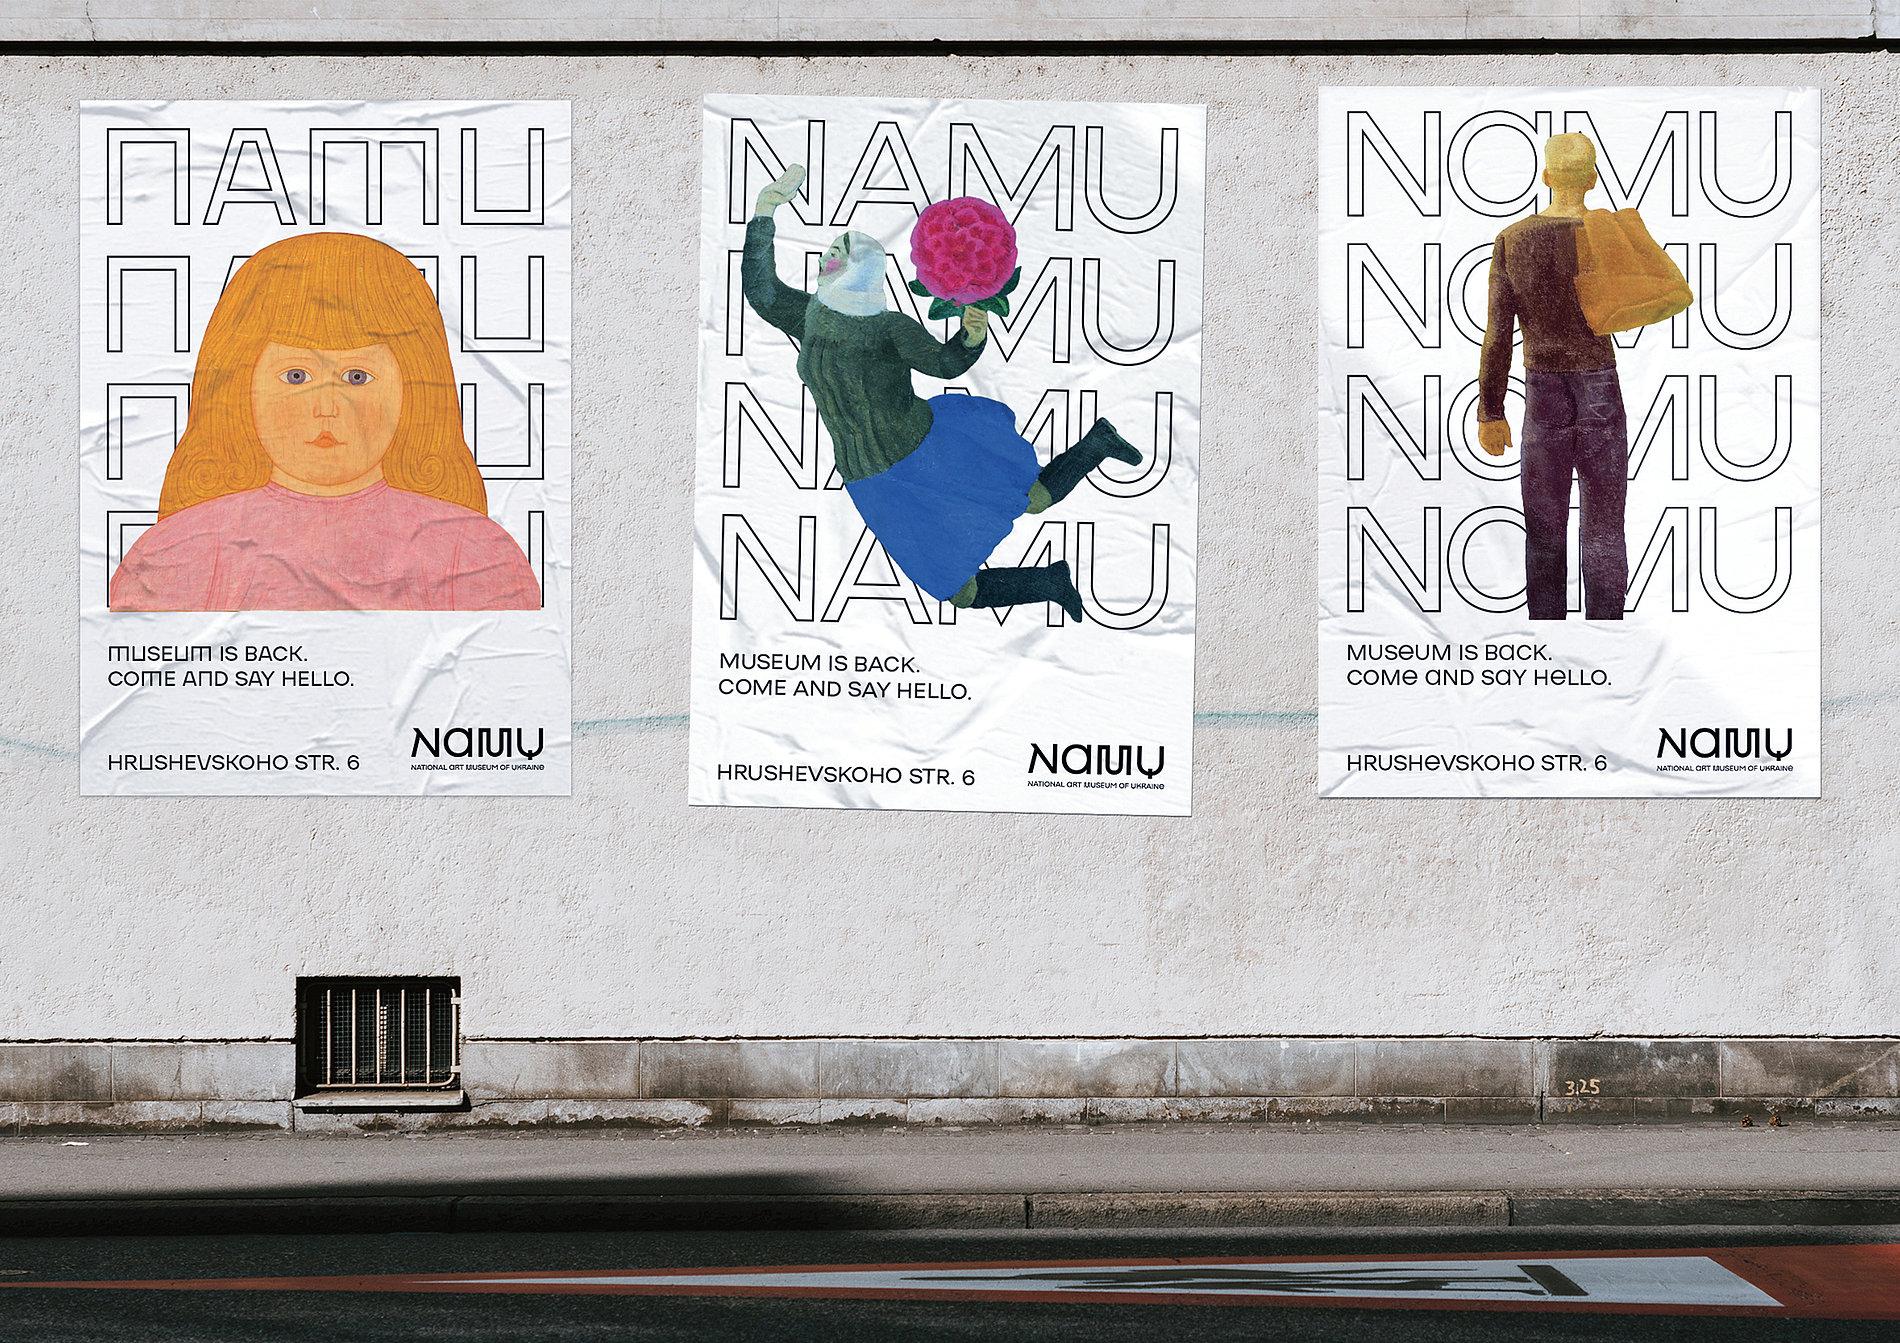 National Art Museum of Ukraine | Red Dot Design Award